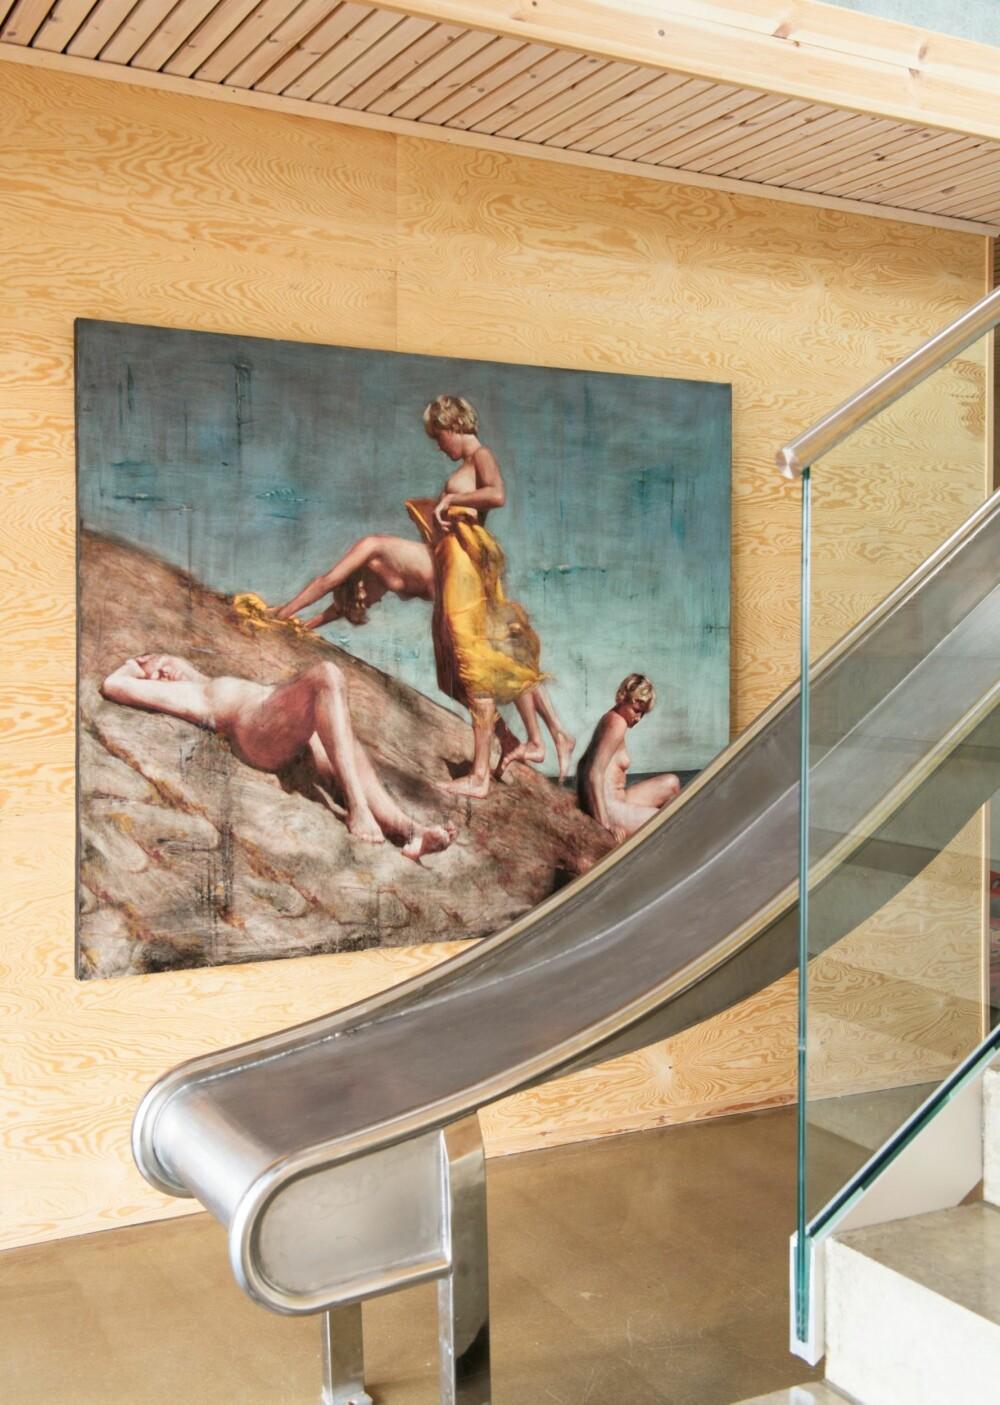 KRYSSFINER OG FRONTH: Belinda Bjerke har vært gift med kunstneren Per Fronth, og sto ofte modell for ham. Flere av hans malerier preger hjemmet i dag.